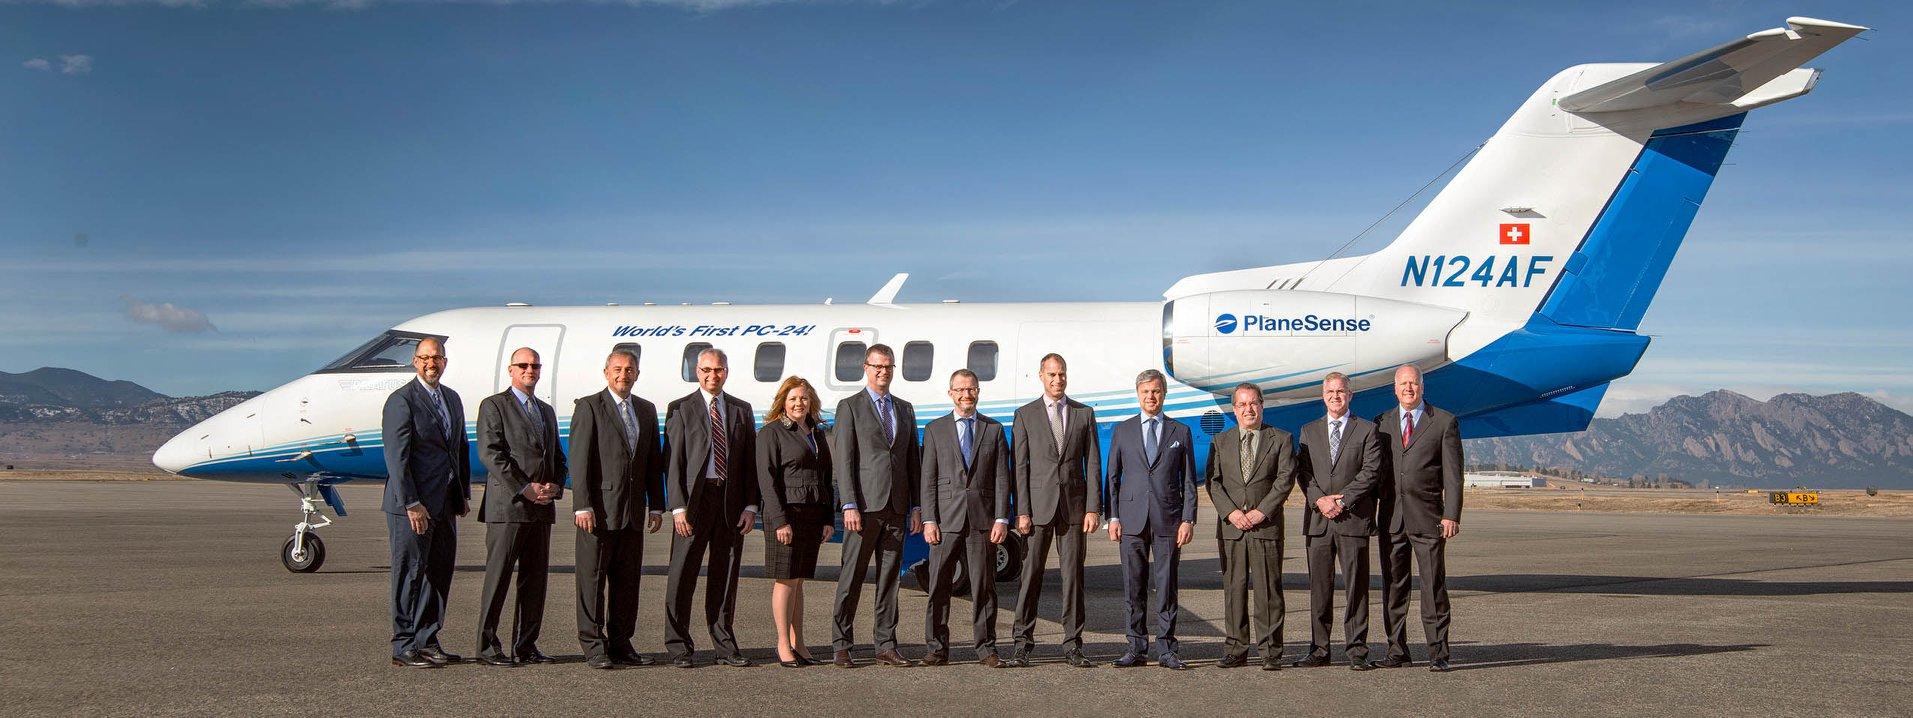 Первый серийный реактивный административный самолет Pilatus PC-24 (серийный номер 101, американская регистрация N124AF, бывшая швейцарская регистрация HB-VSB), переданный заказчику - американской компании PlaneSense. Брумфилд (США), 07.02.2018.